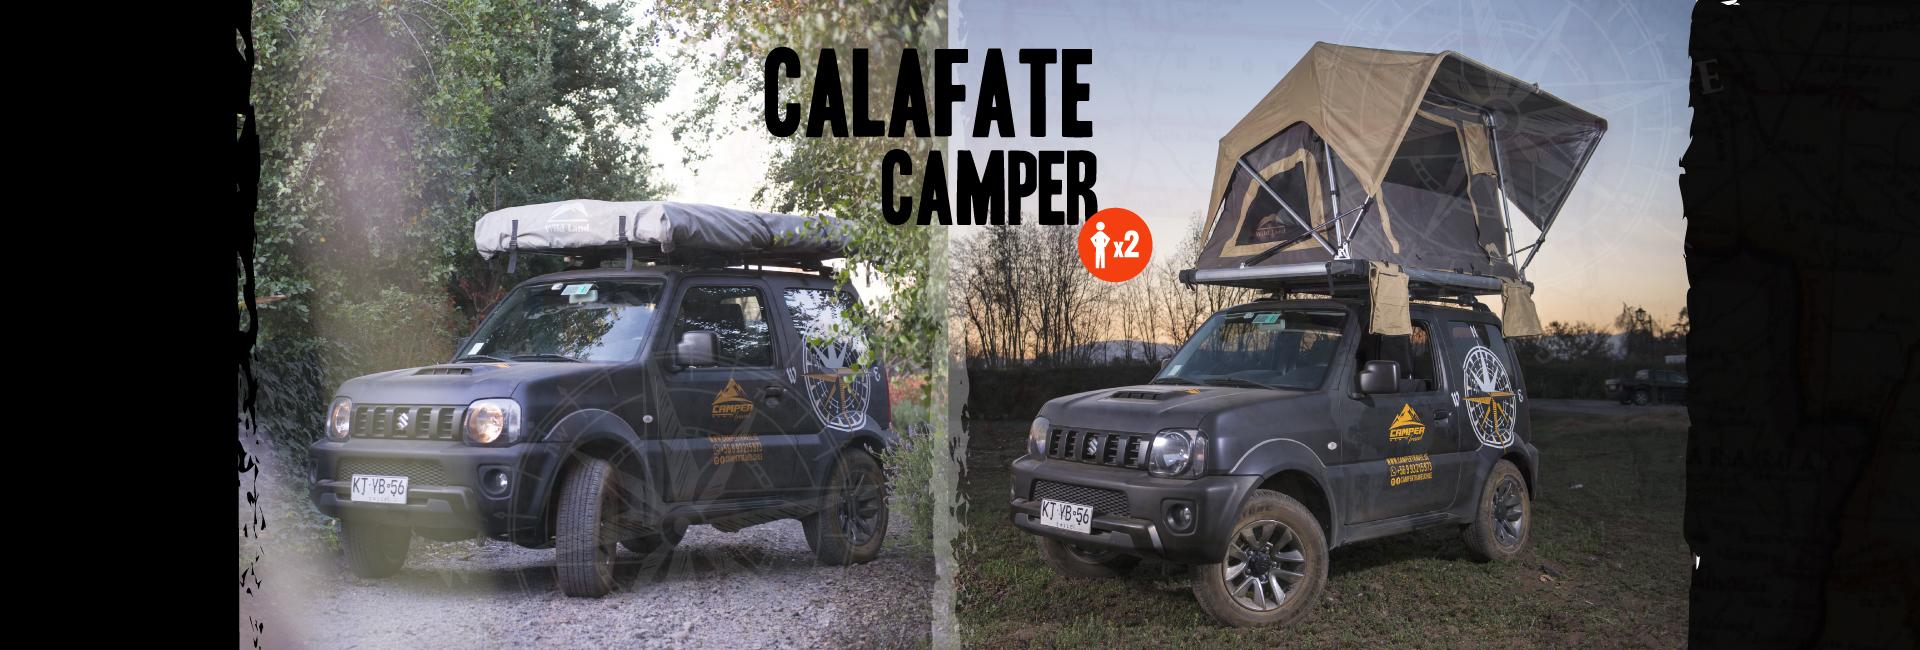 banner-camper-cal